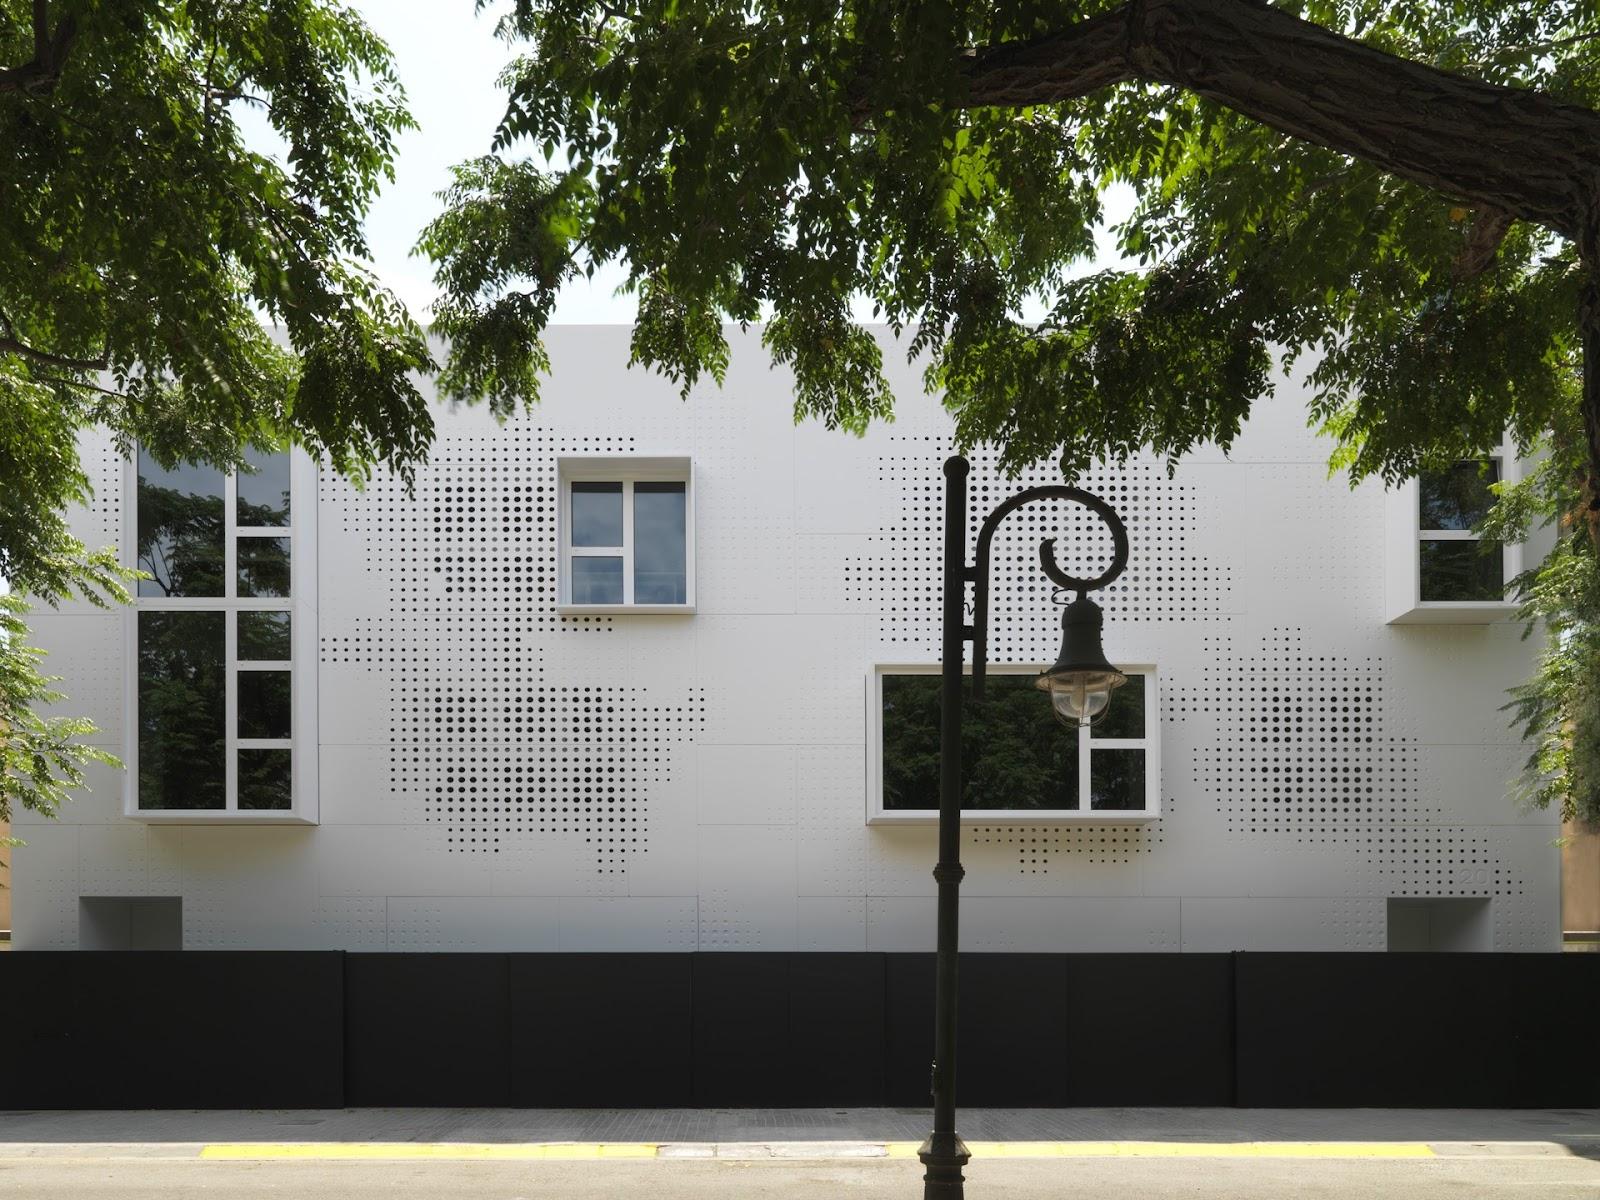 Ruben muedra estudio de arquitectura valencia - Estudio arquitectura toledo ...